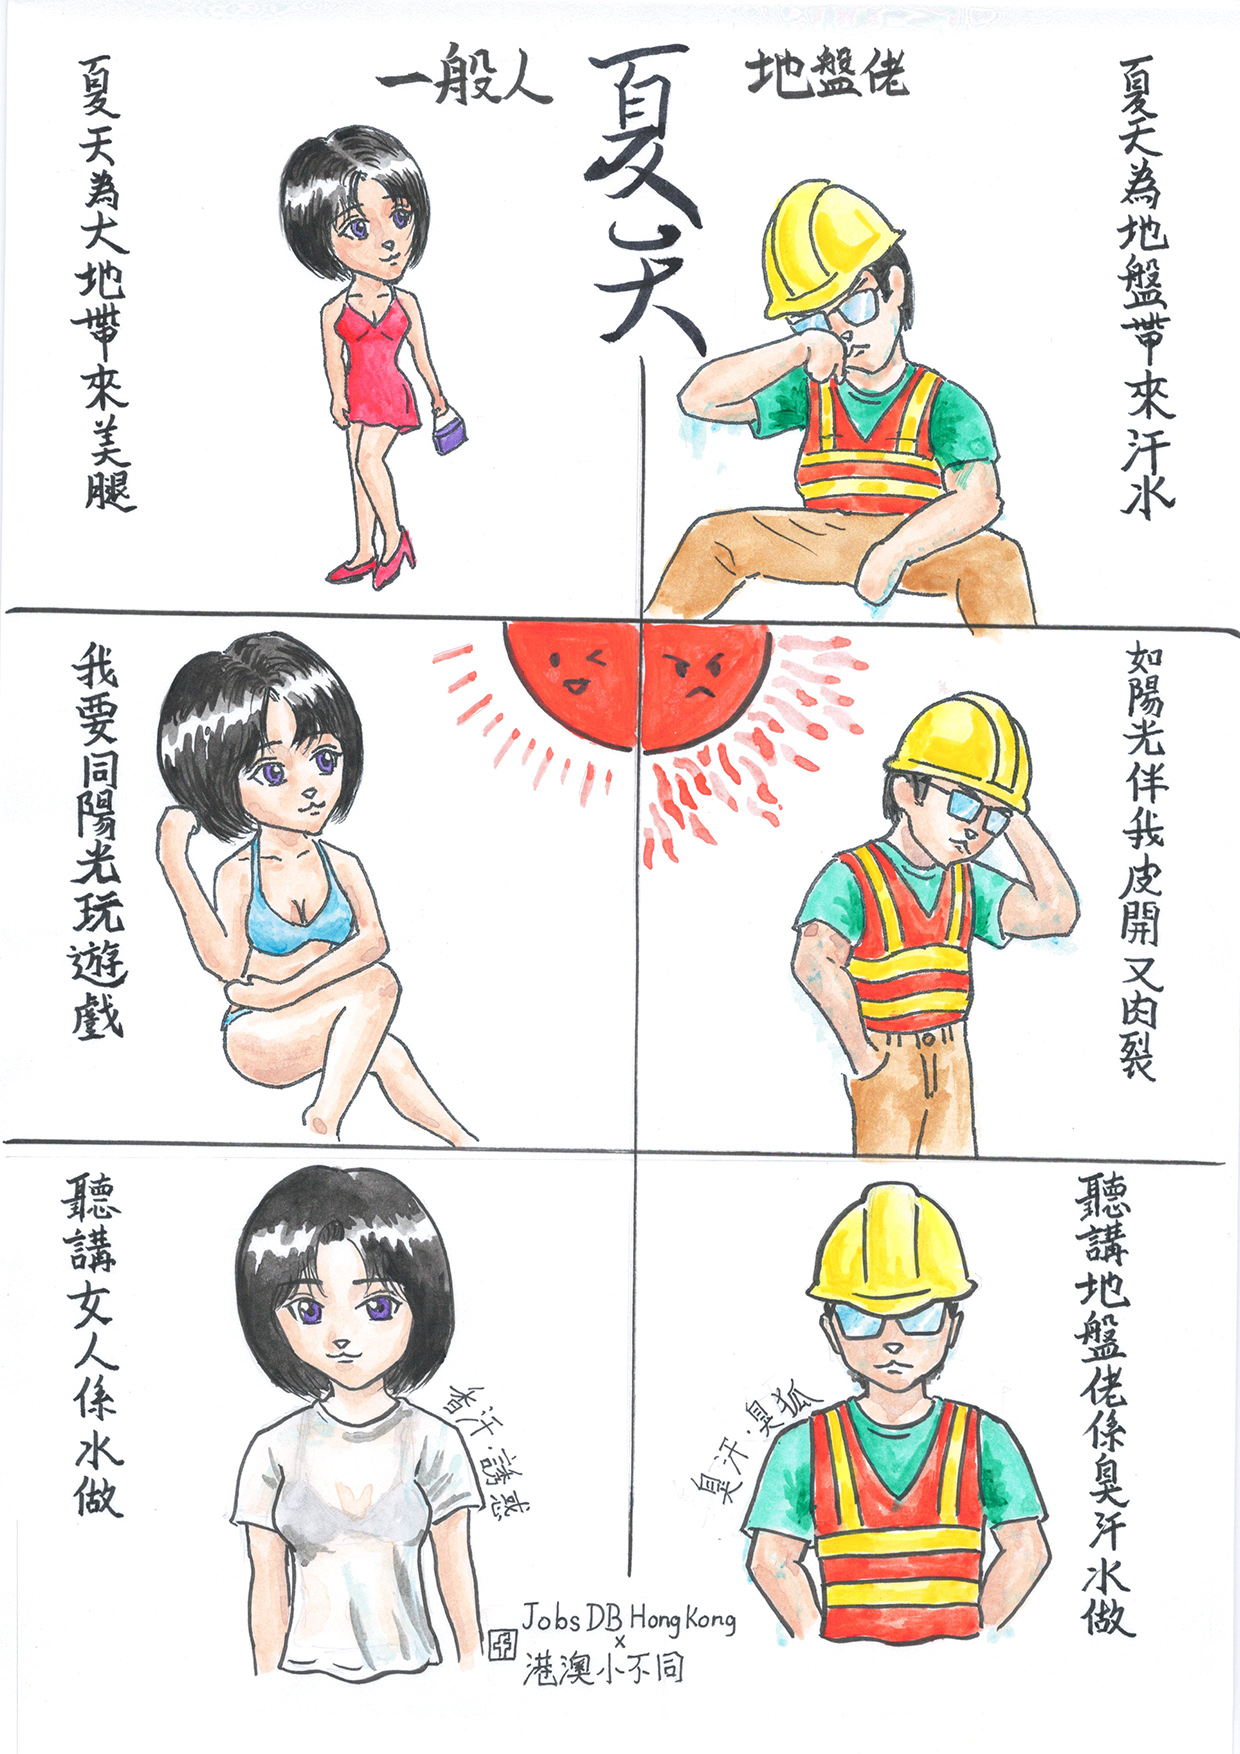 地盤佬日誌:夏天,為地盤佬帶來汗水